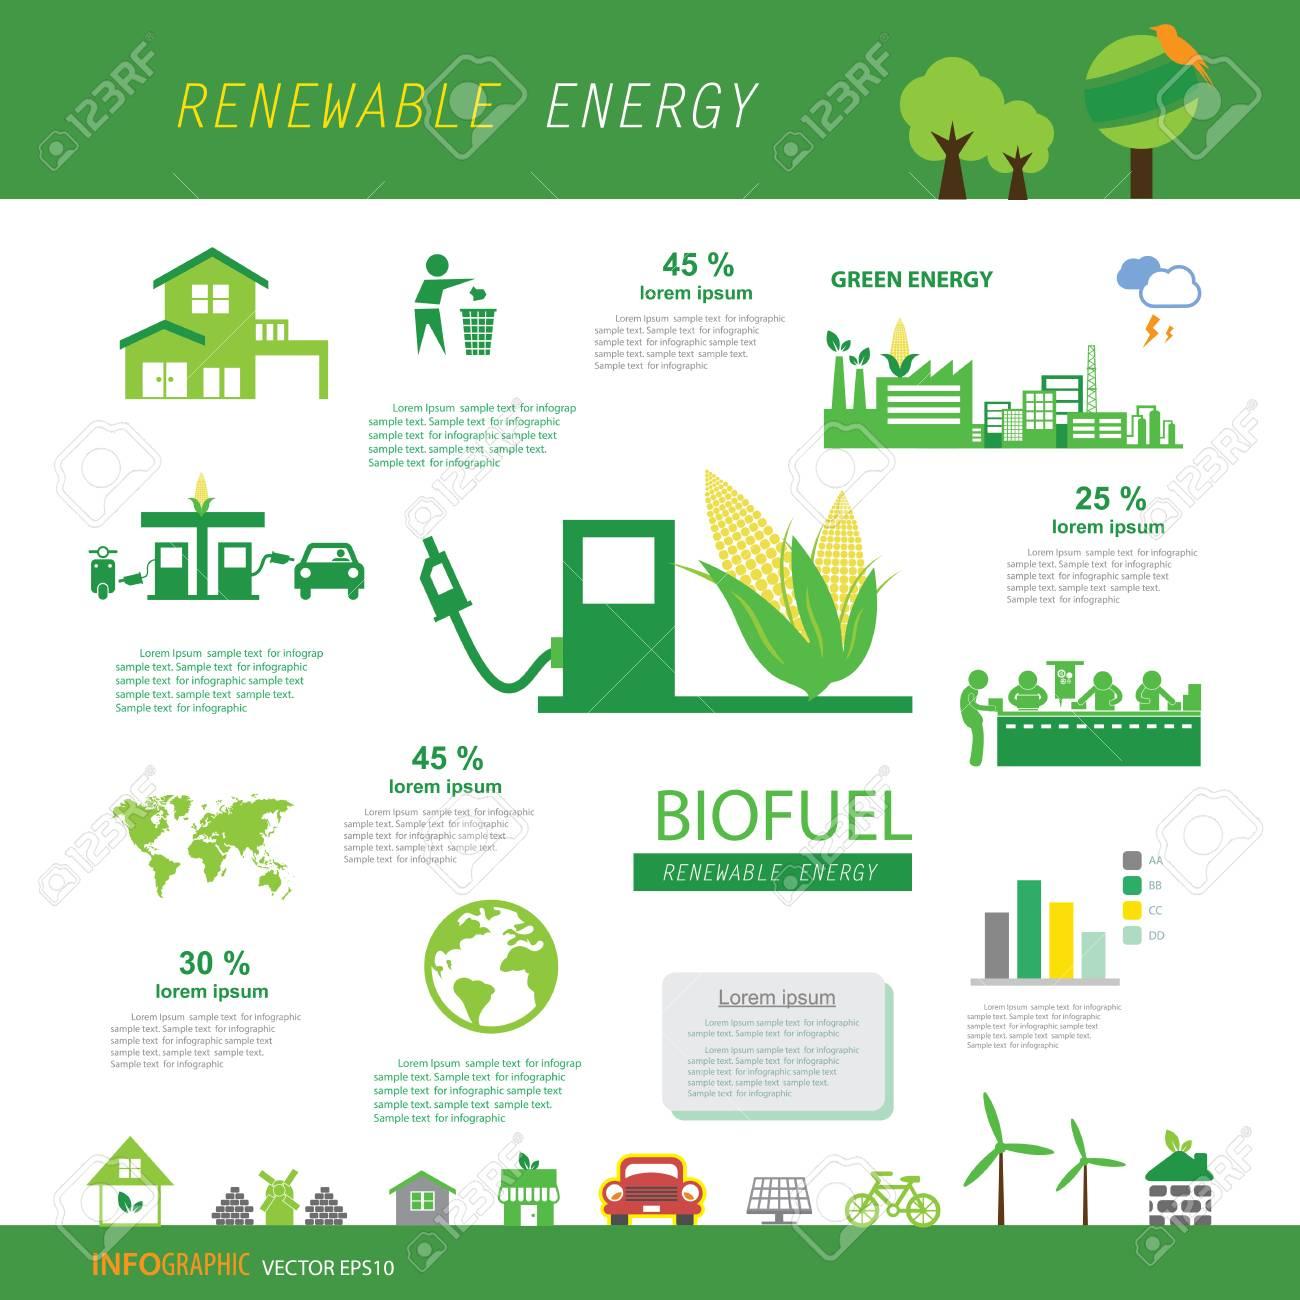 vector corn ethanol biofuel vector icon. Alternative environmental friendly fuel. - 100759420